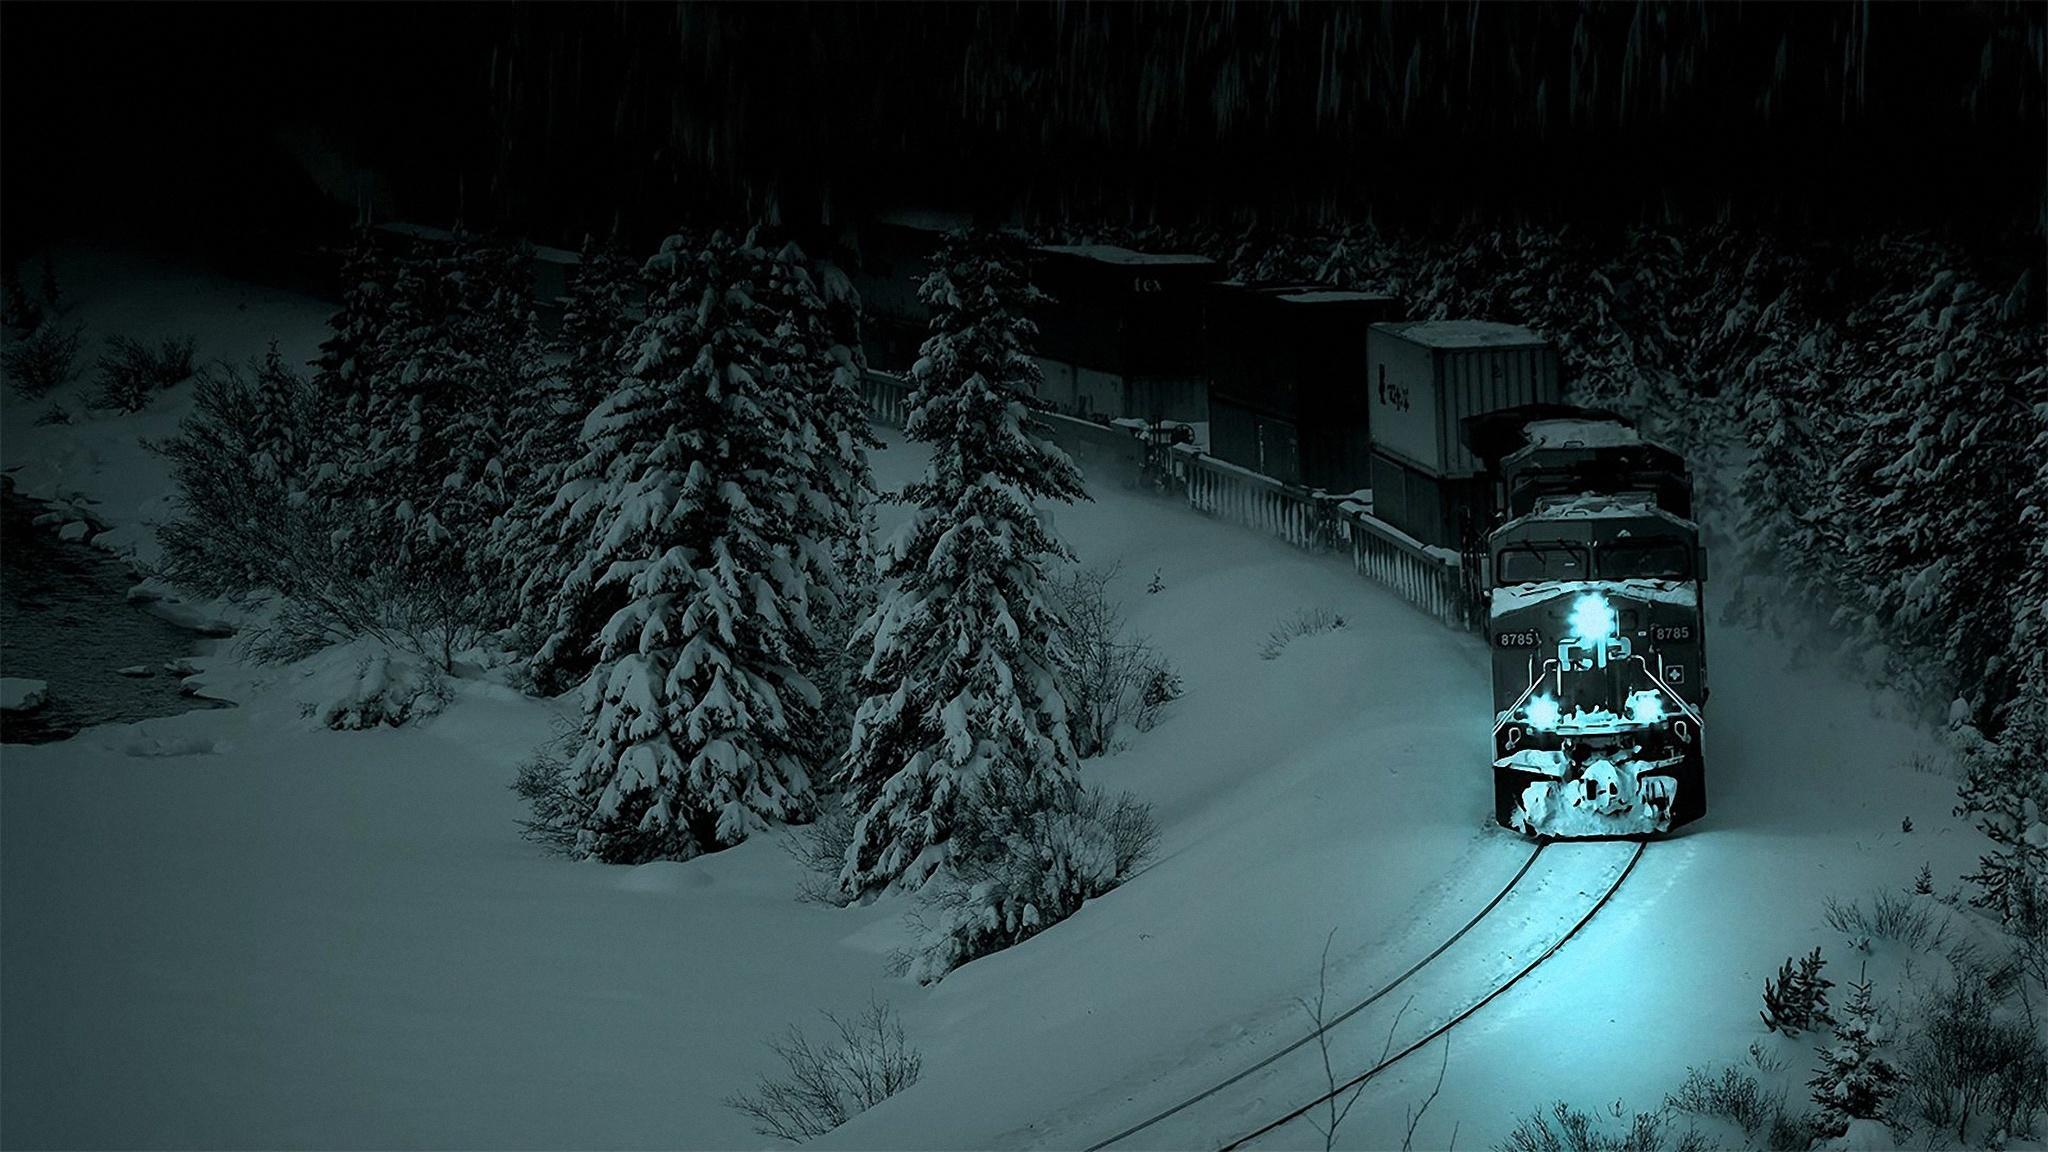 поезд графика ночь луна мрак без регистрации